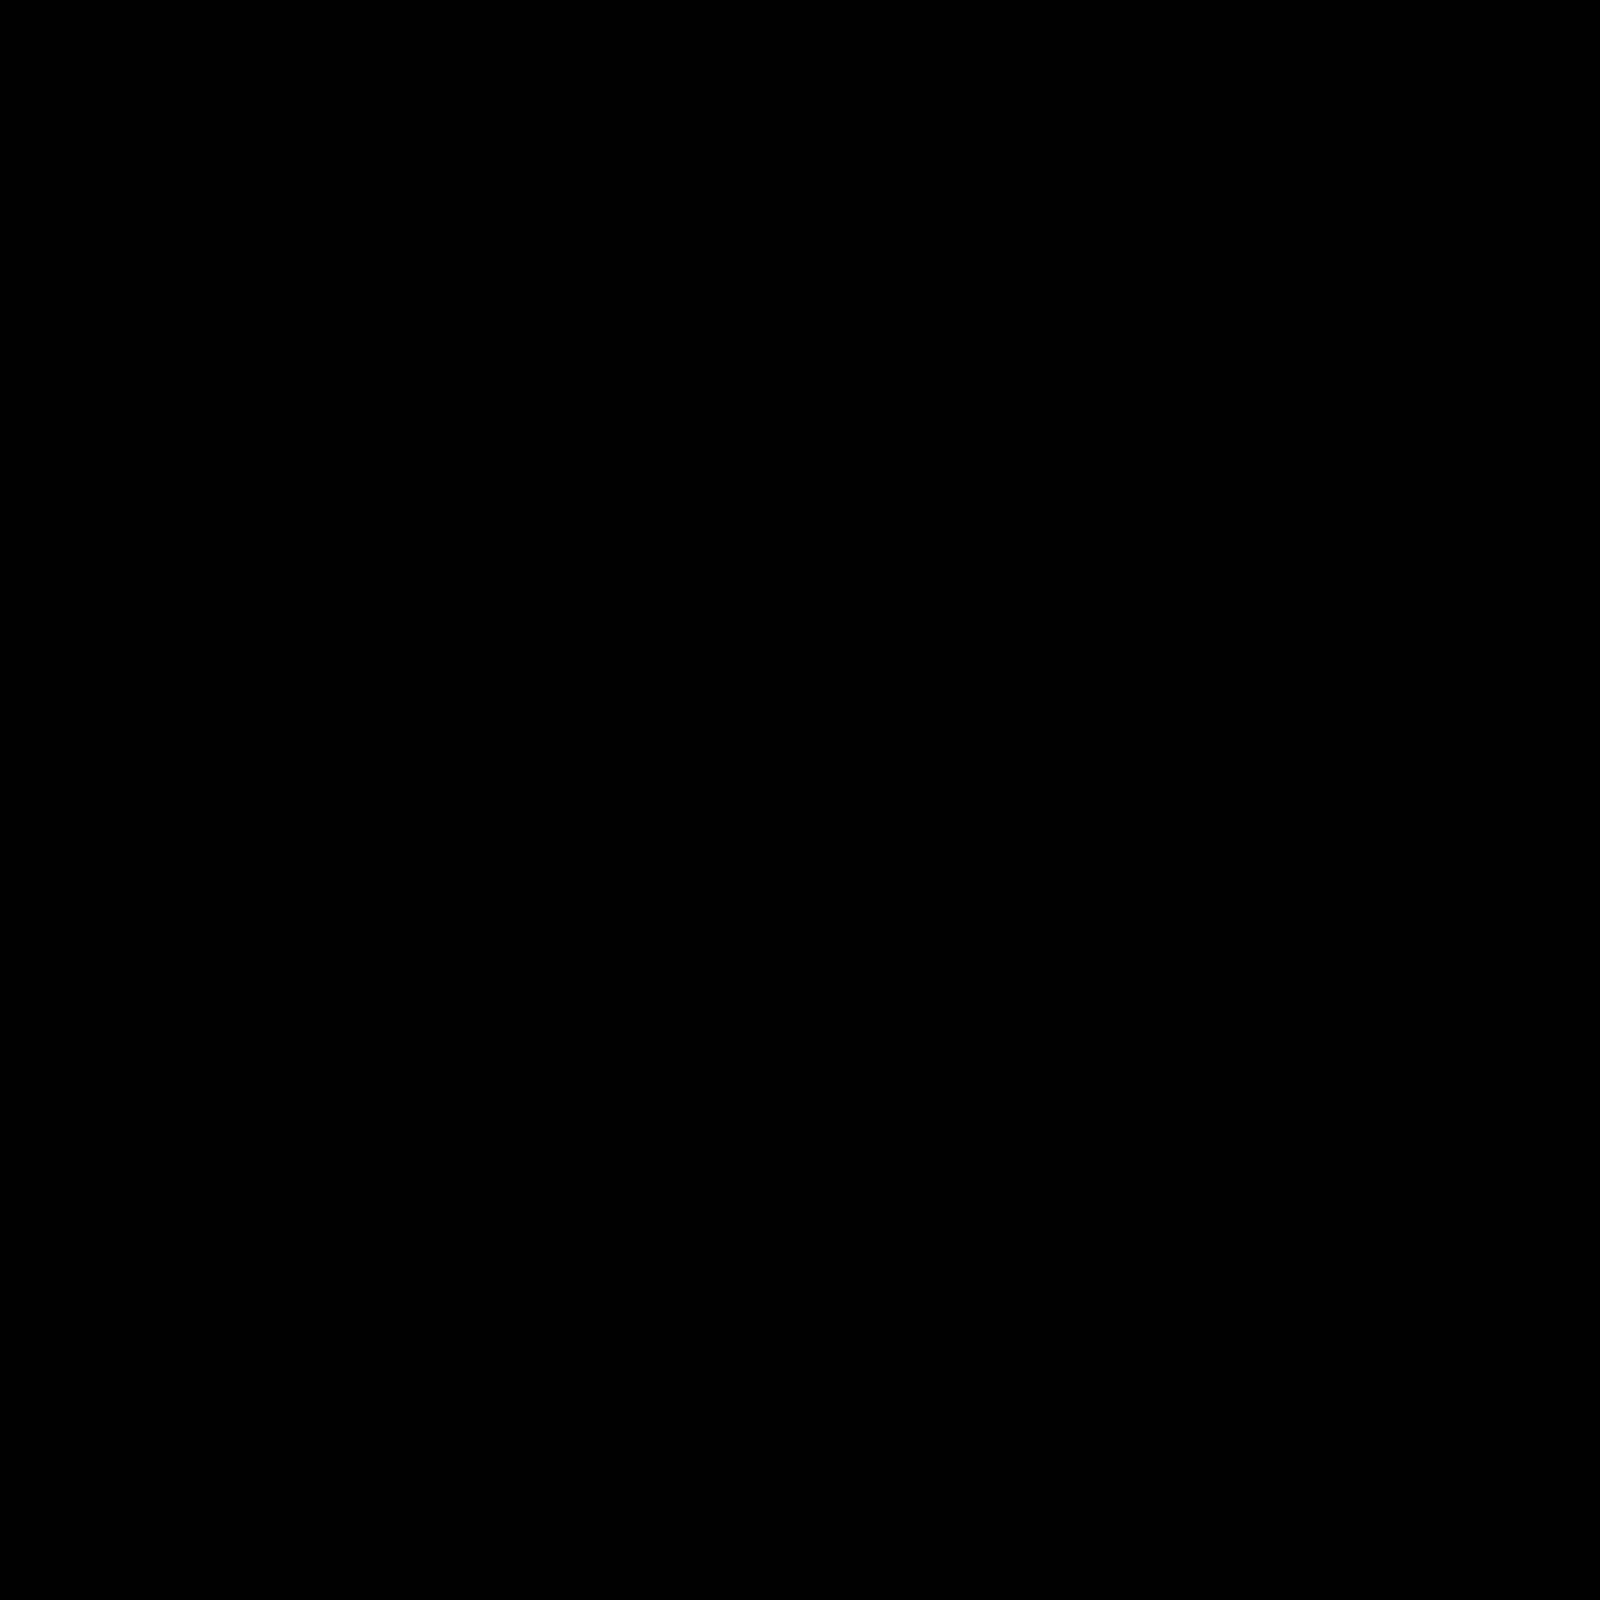 餐厅的菜单 icon